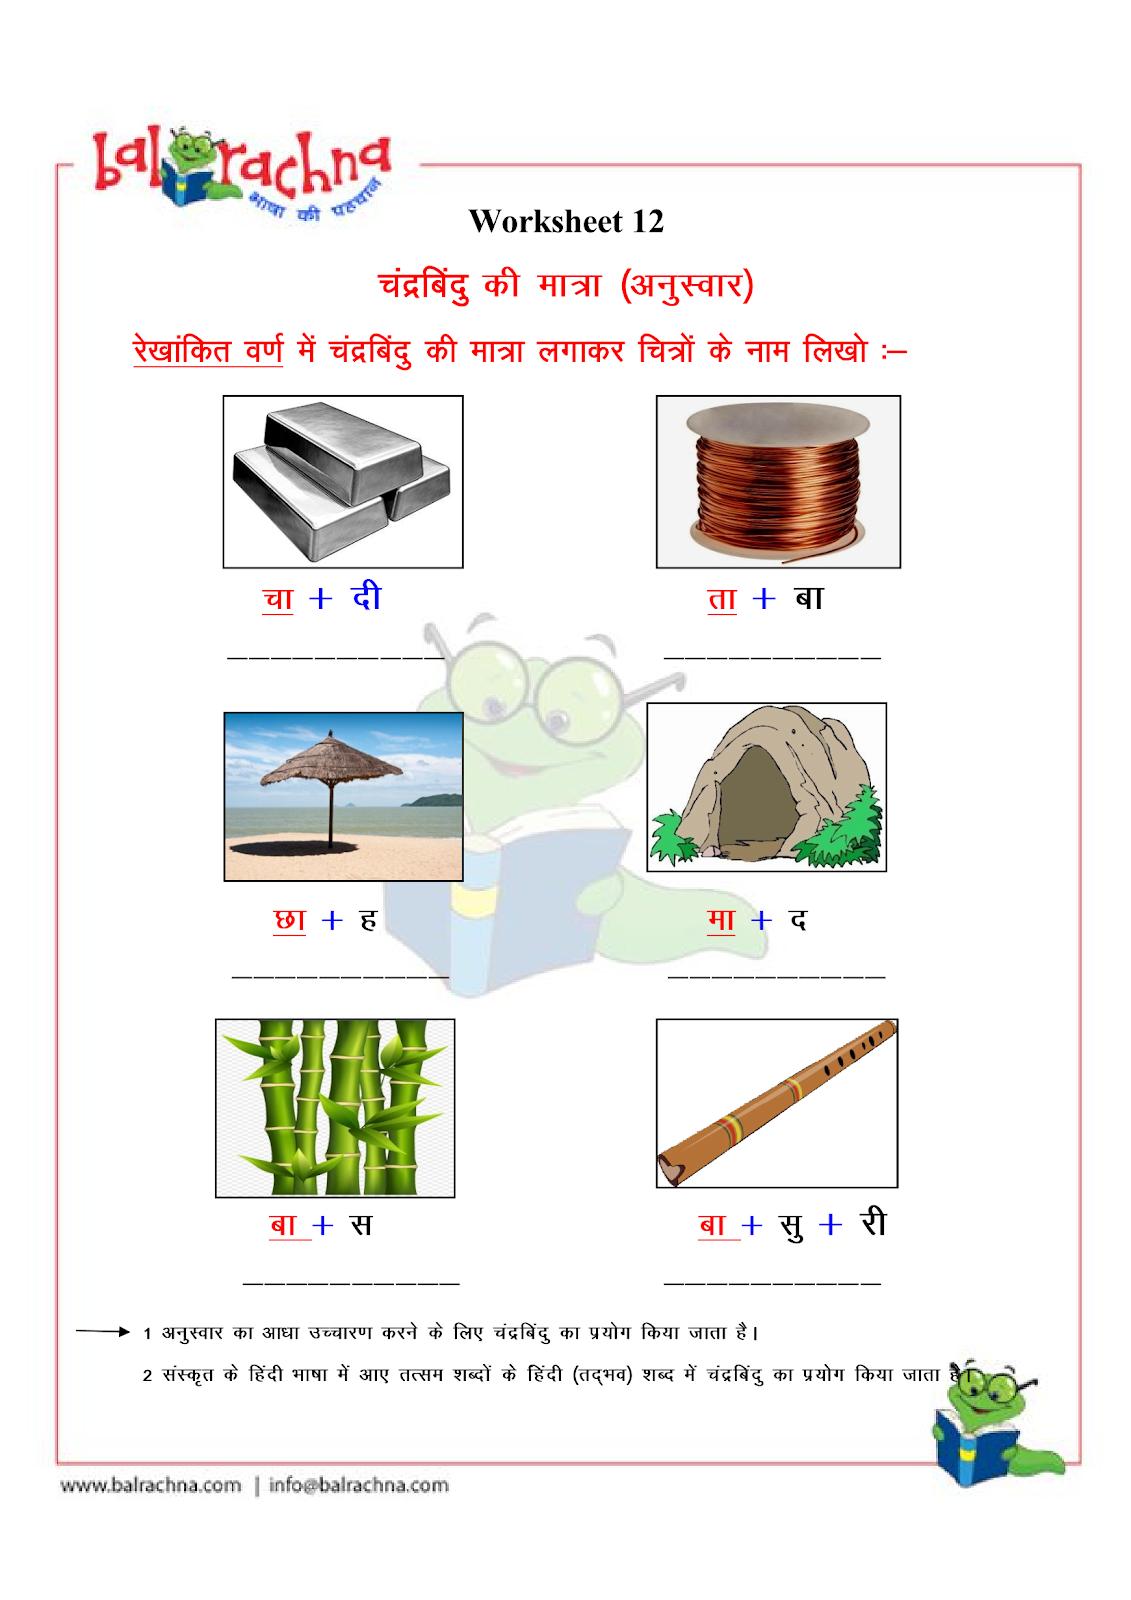 Balrachna Worksheets